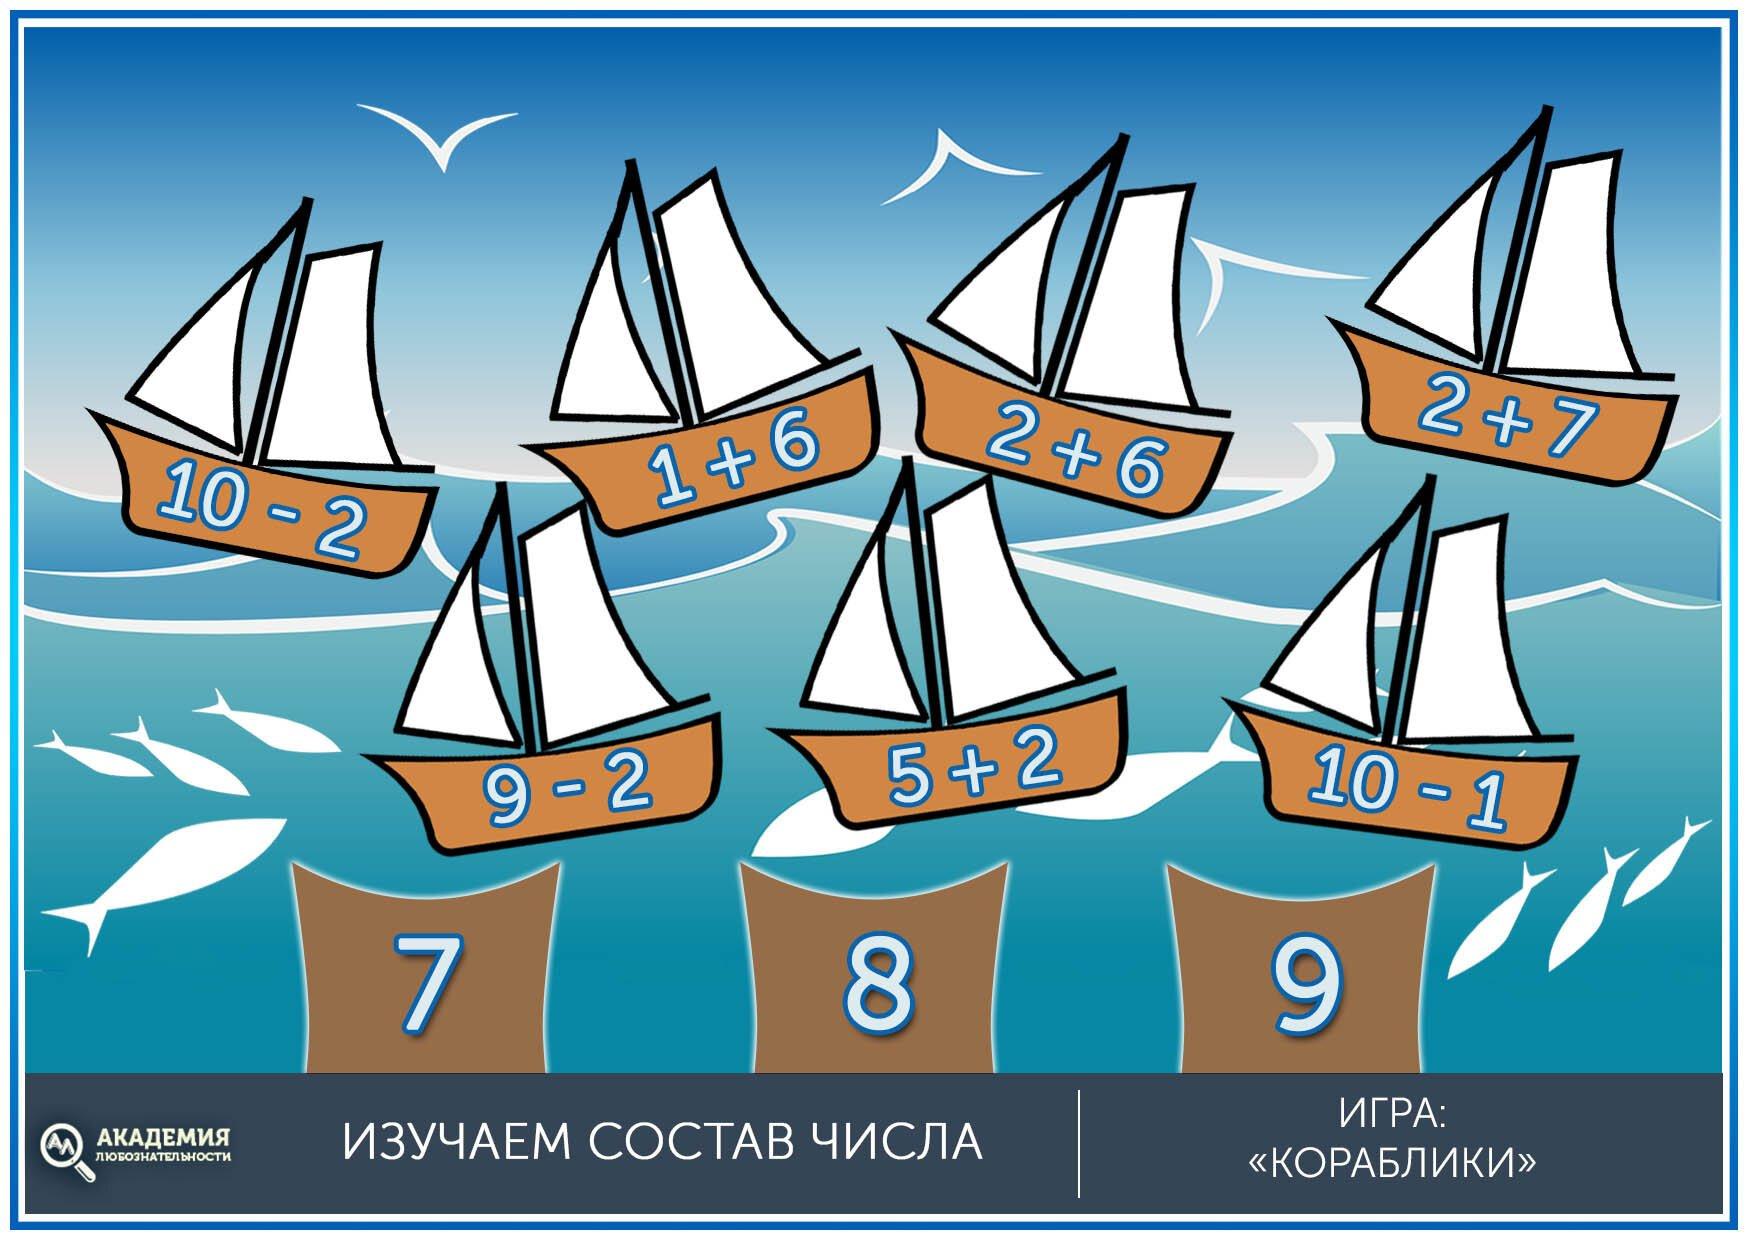 Игра для дошкольников кораблики